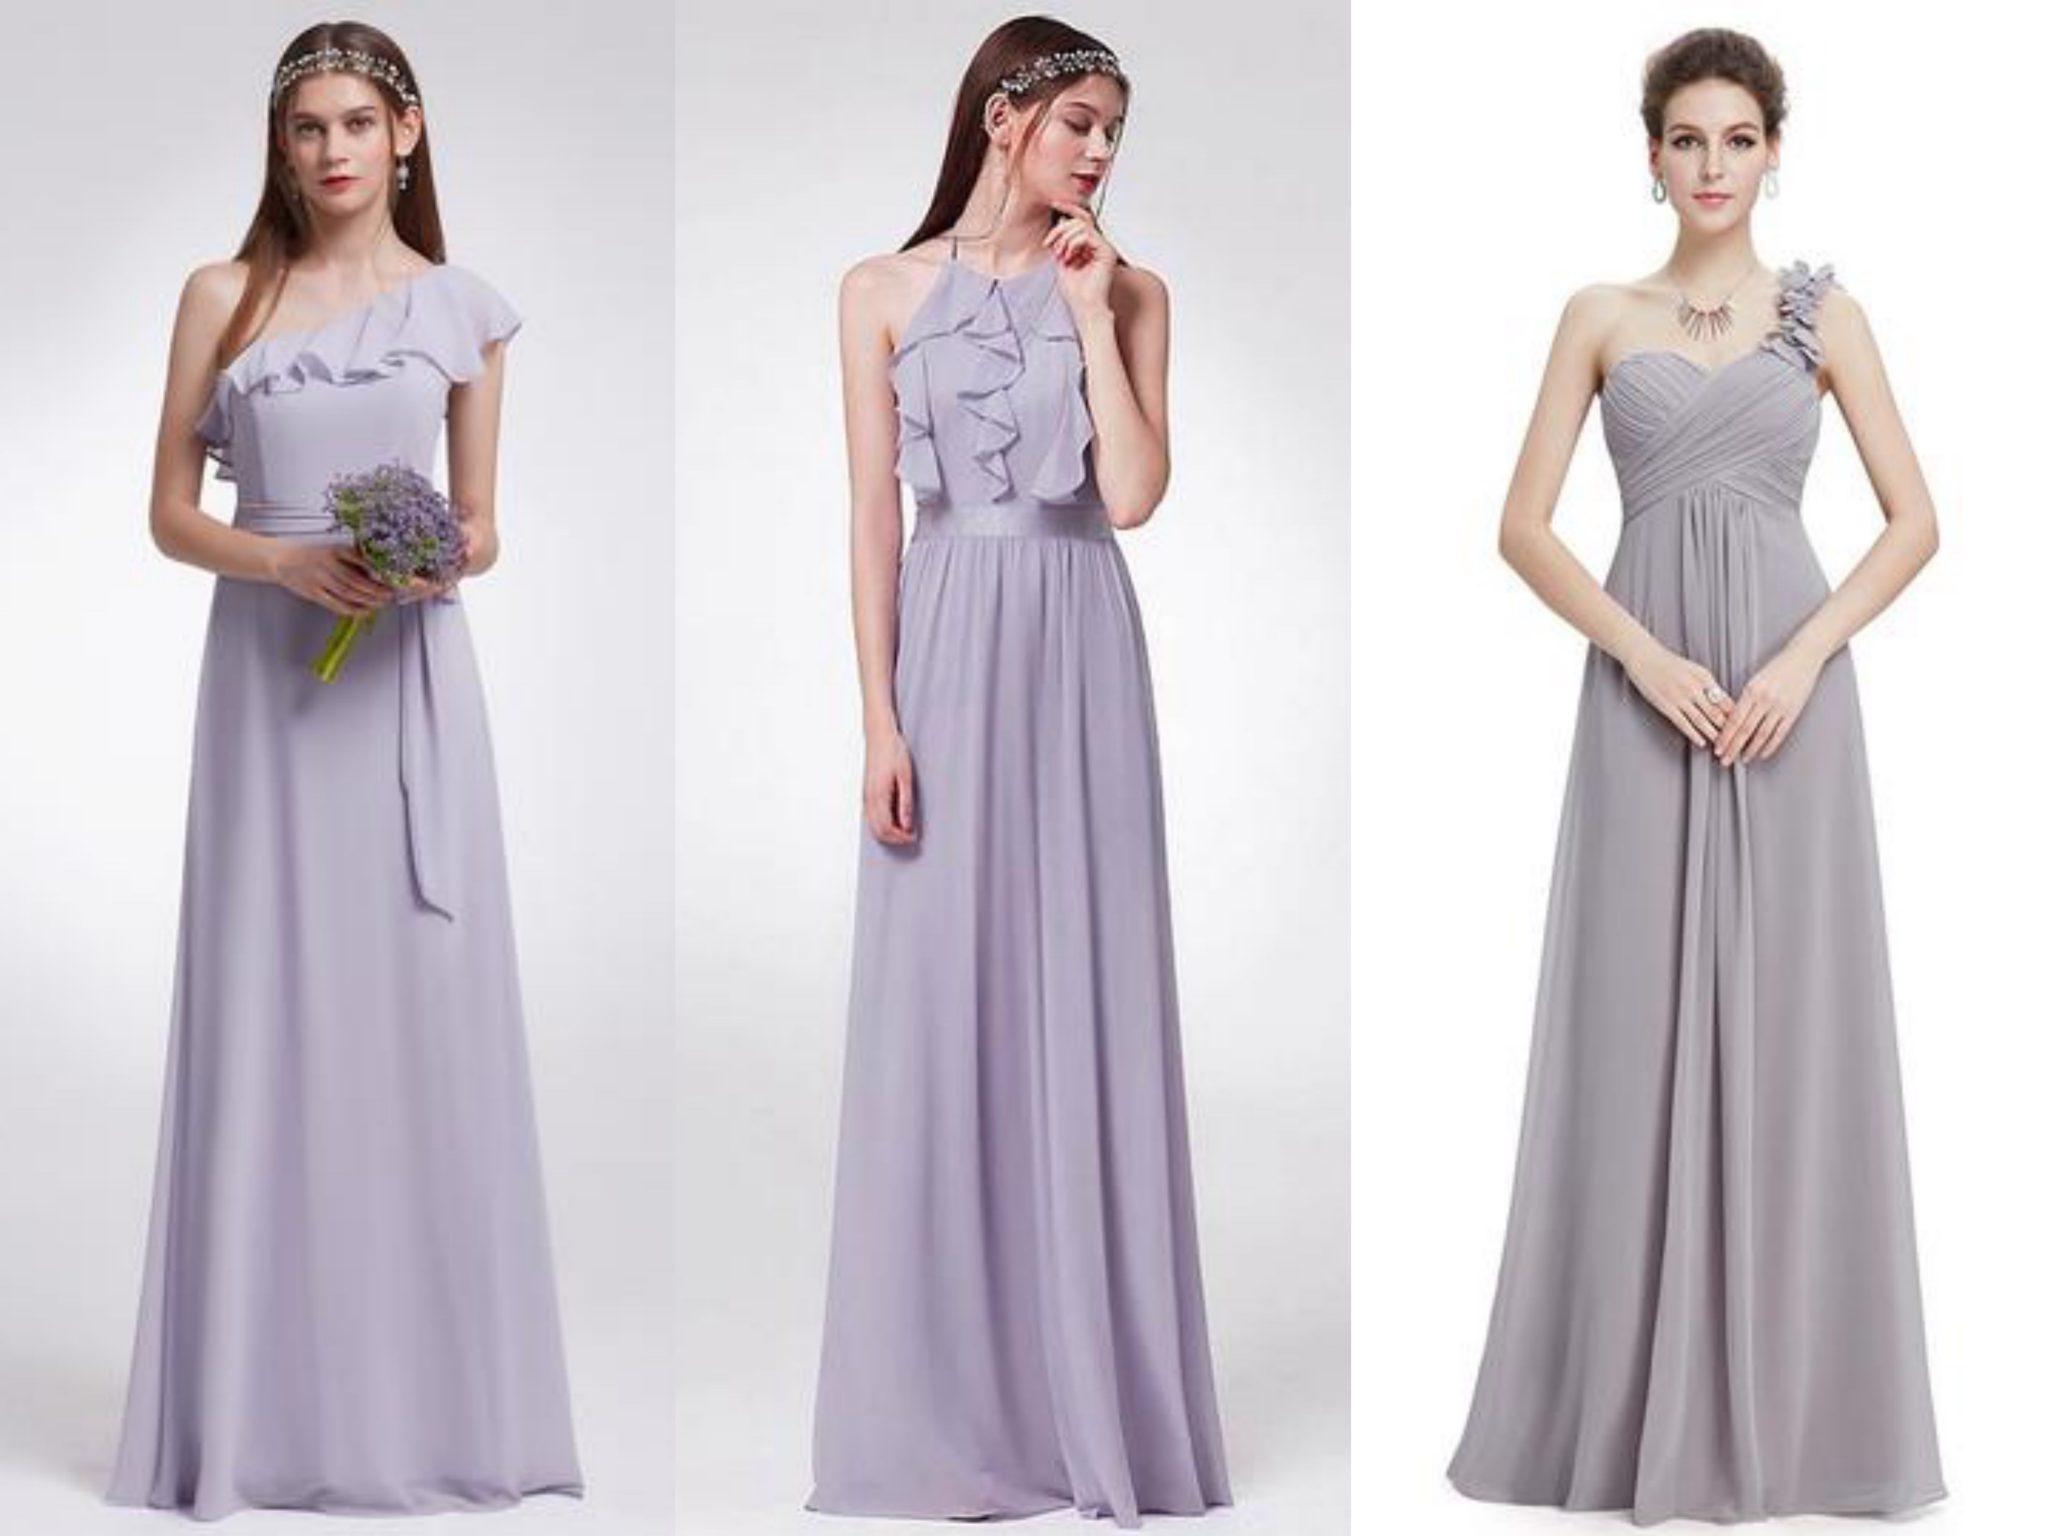 Mejor precio para vestidos de baile 4